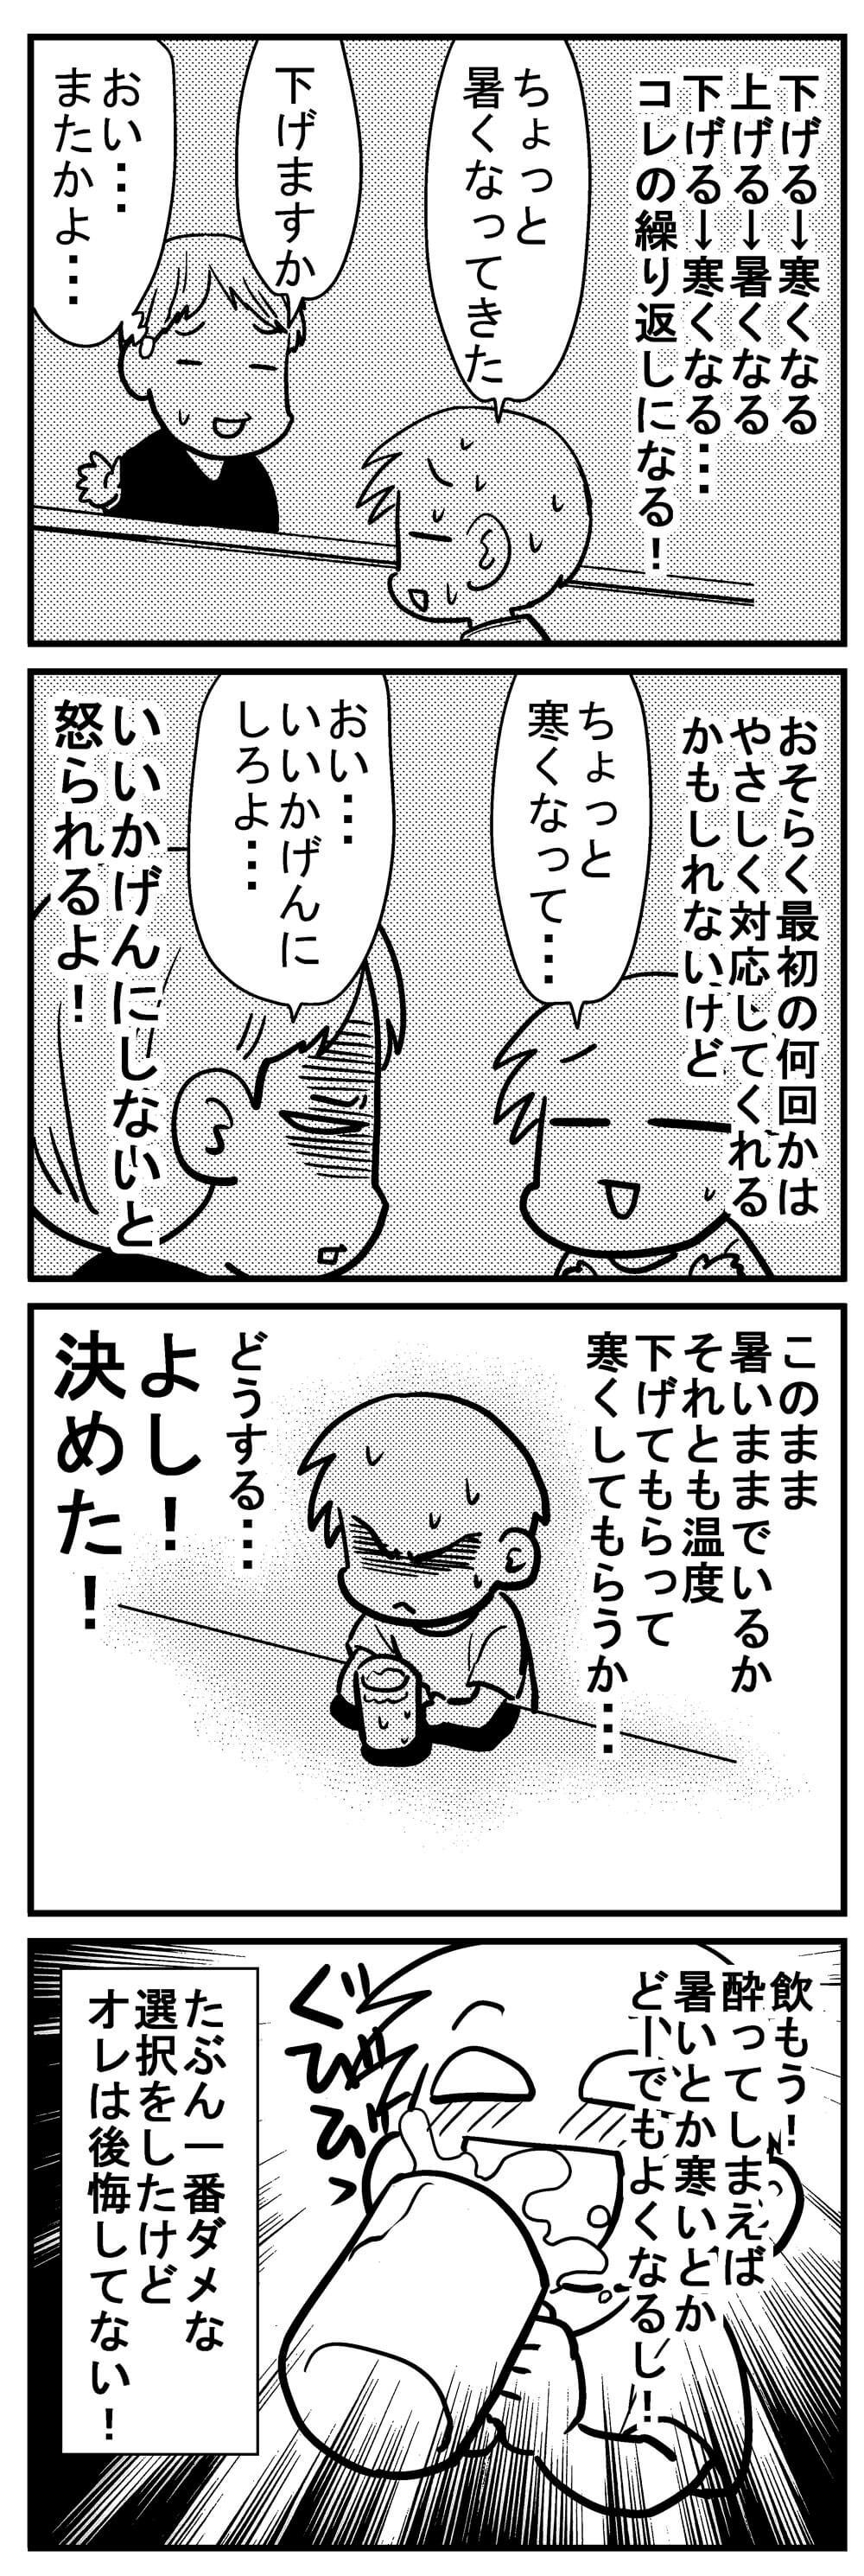 深読みくん148-2